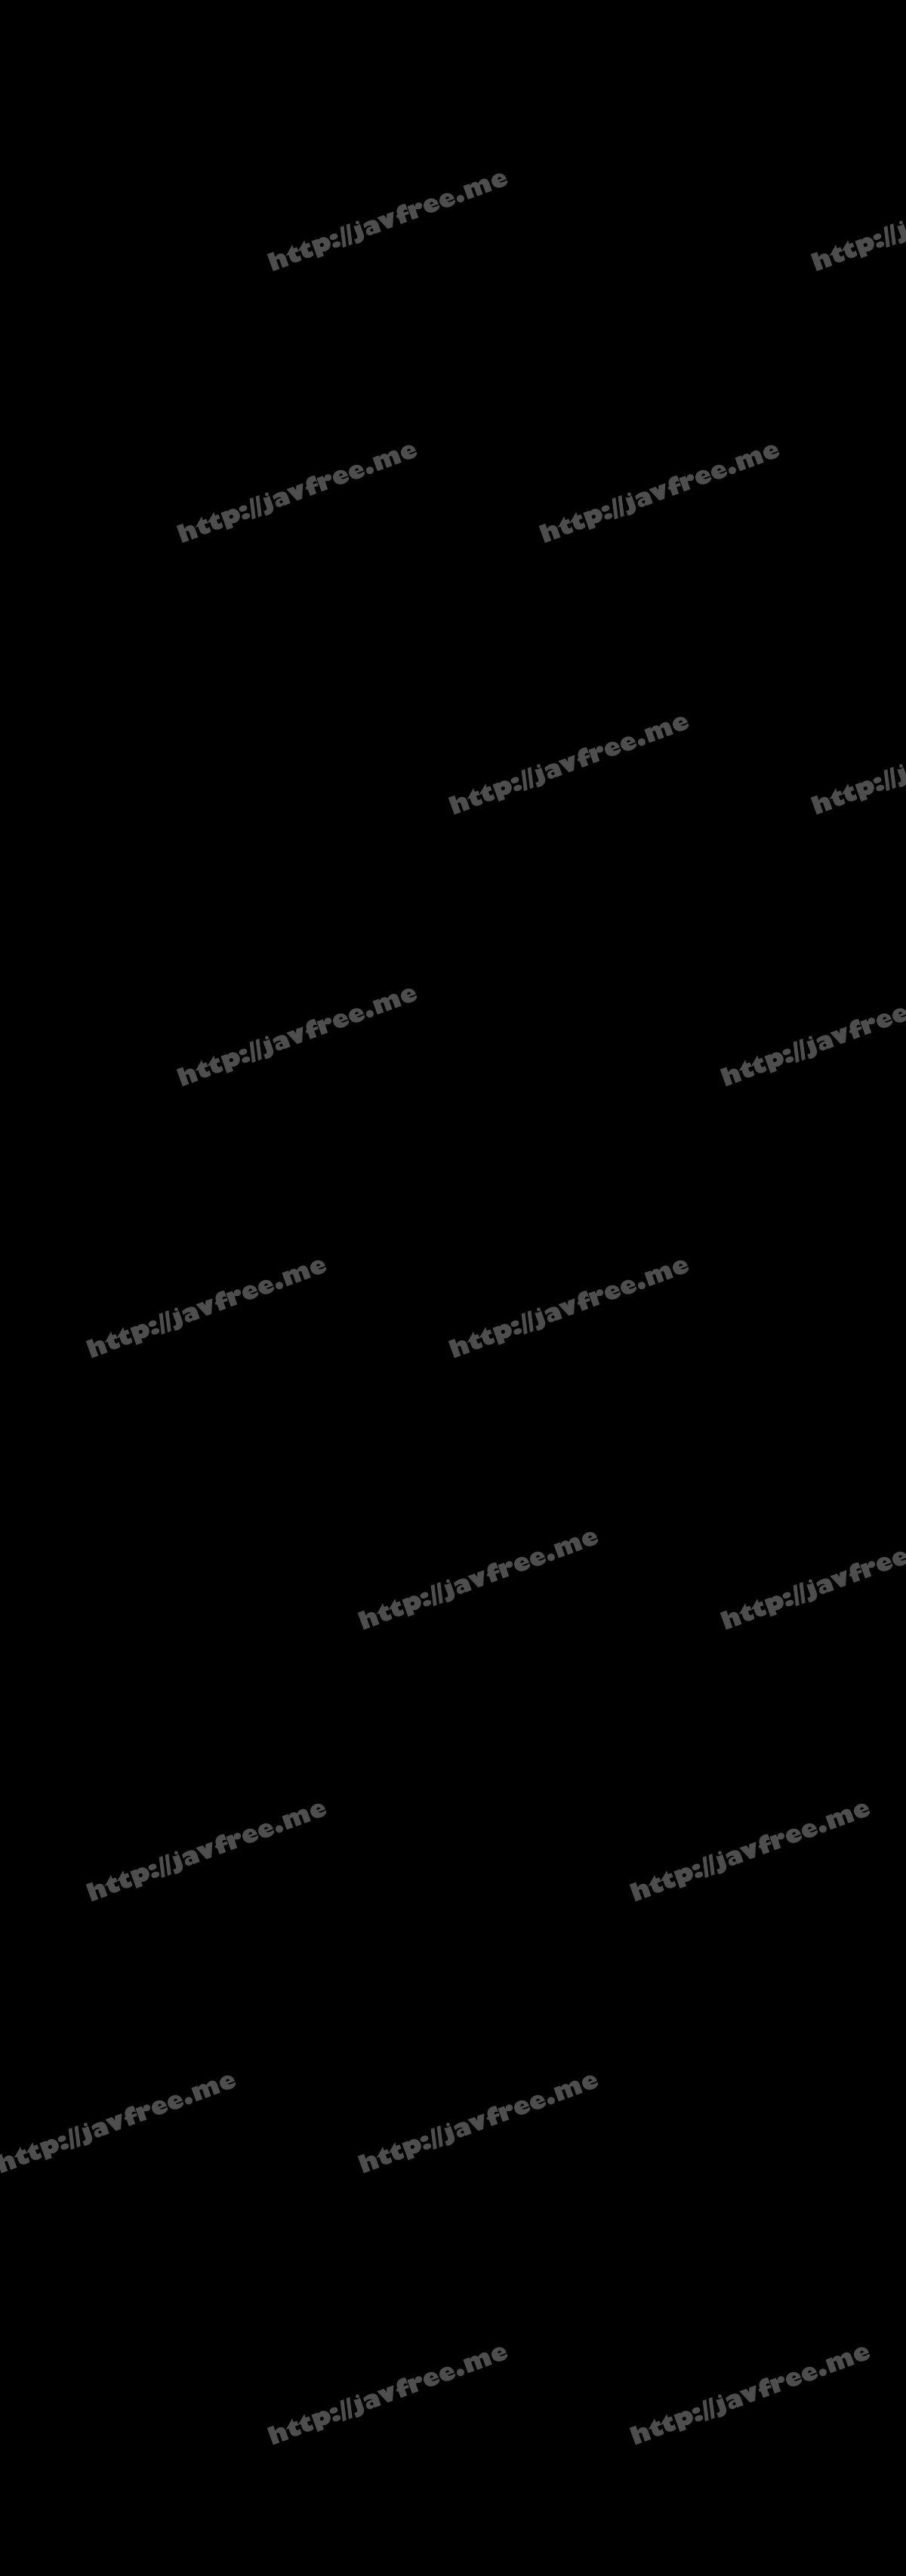 [DINM-464] 男はボク一人きり!!ド淫乱熟女軍団に抜かれっぱなしの極上筆下ろし初体験 22組40人8時間 - image EMRD-108-1080p on https://javfree.me